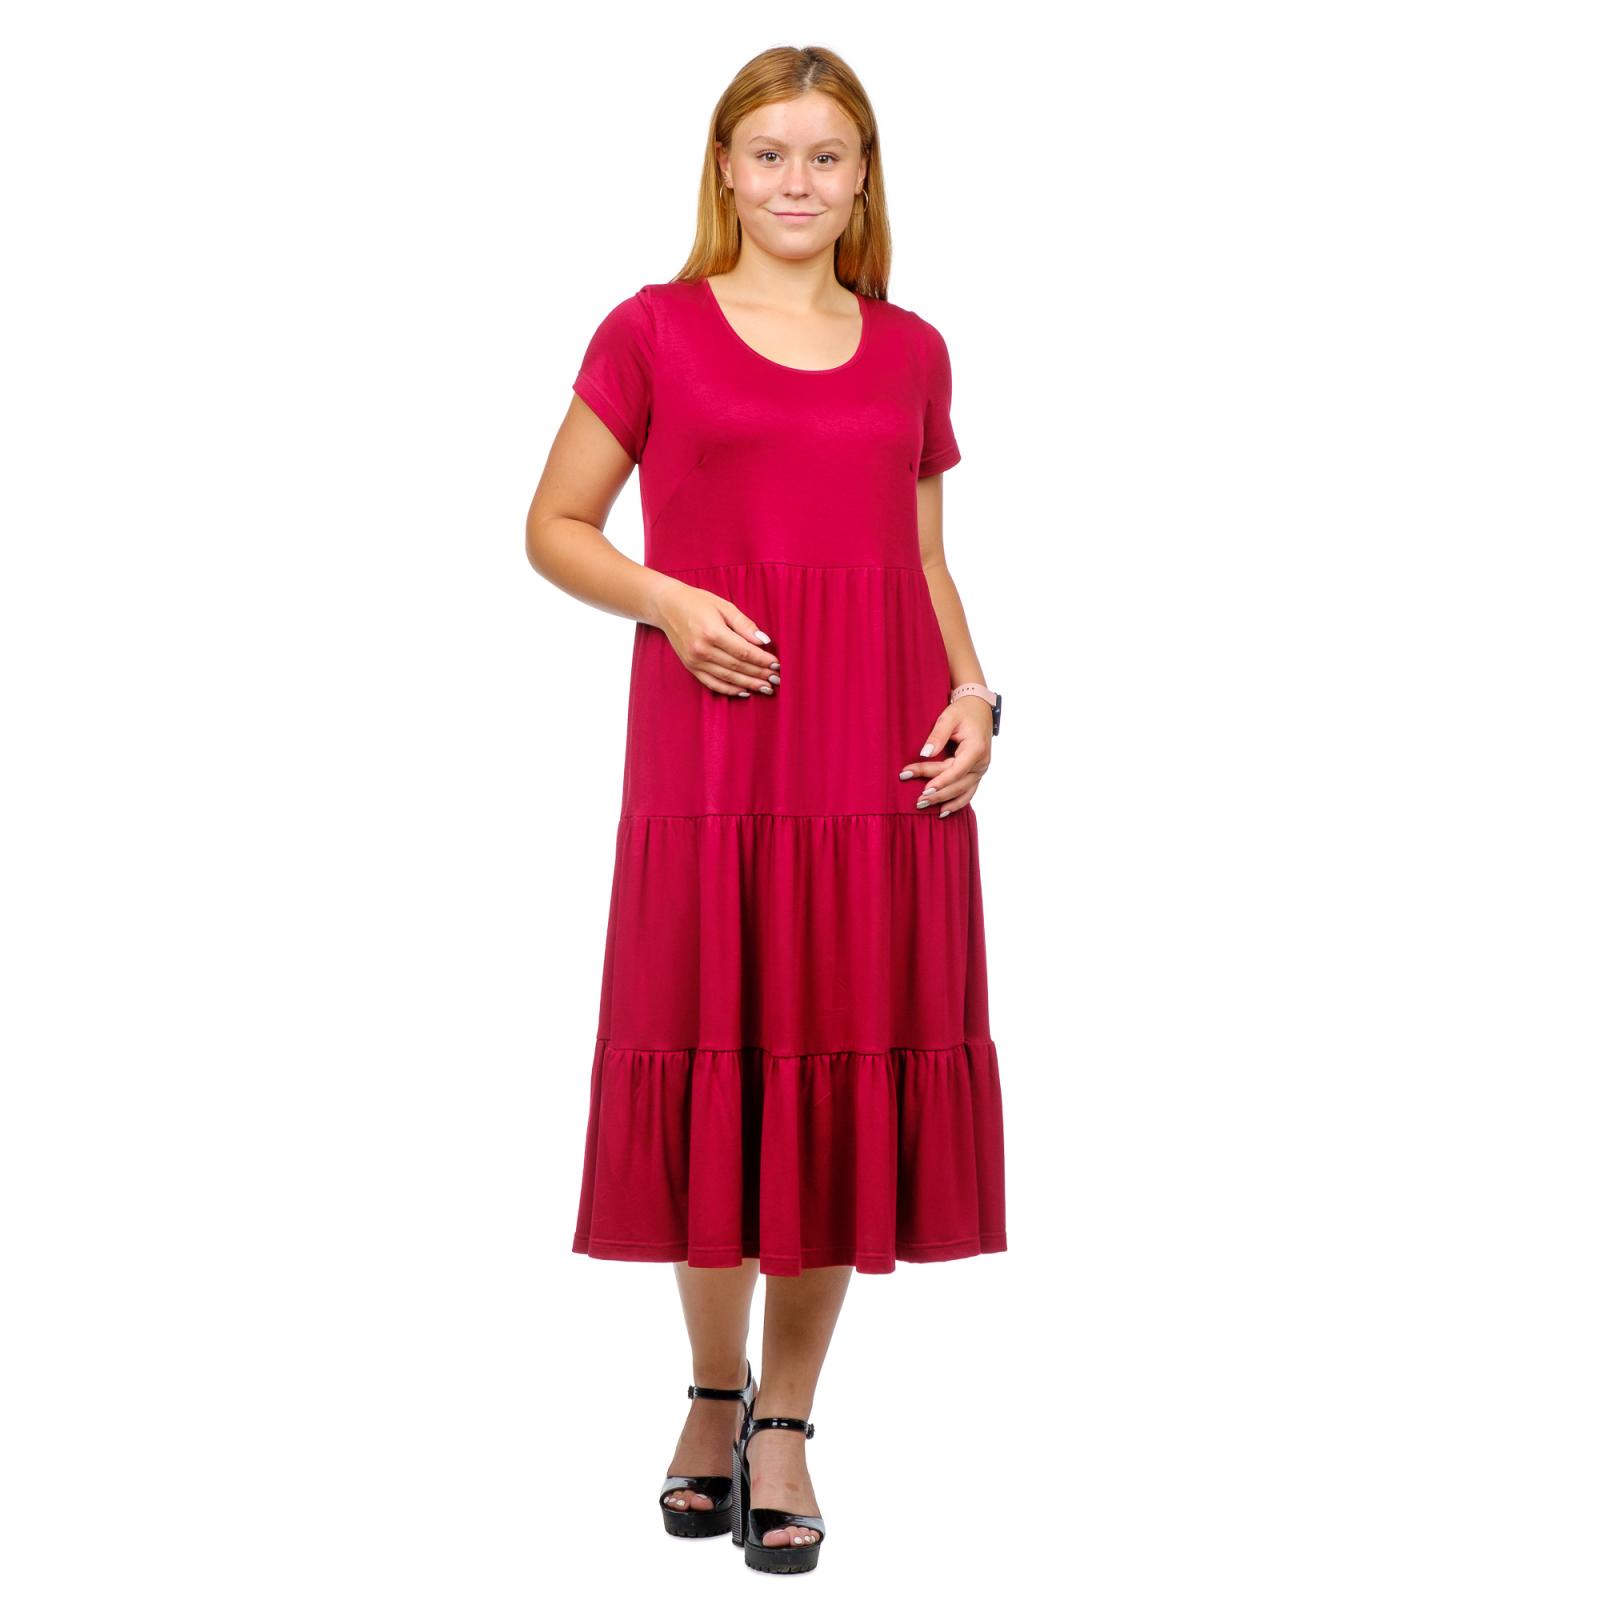 Платье Карина (вискоза)  Бордо М-0203БОР